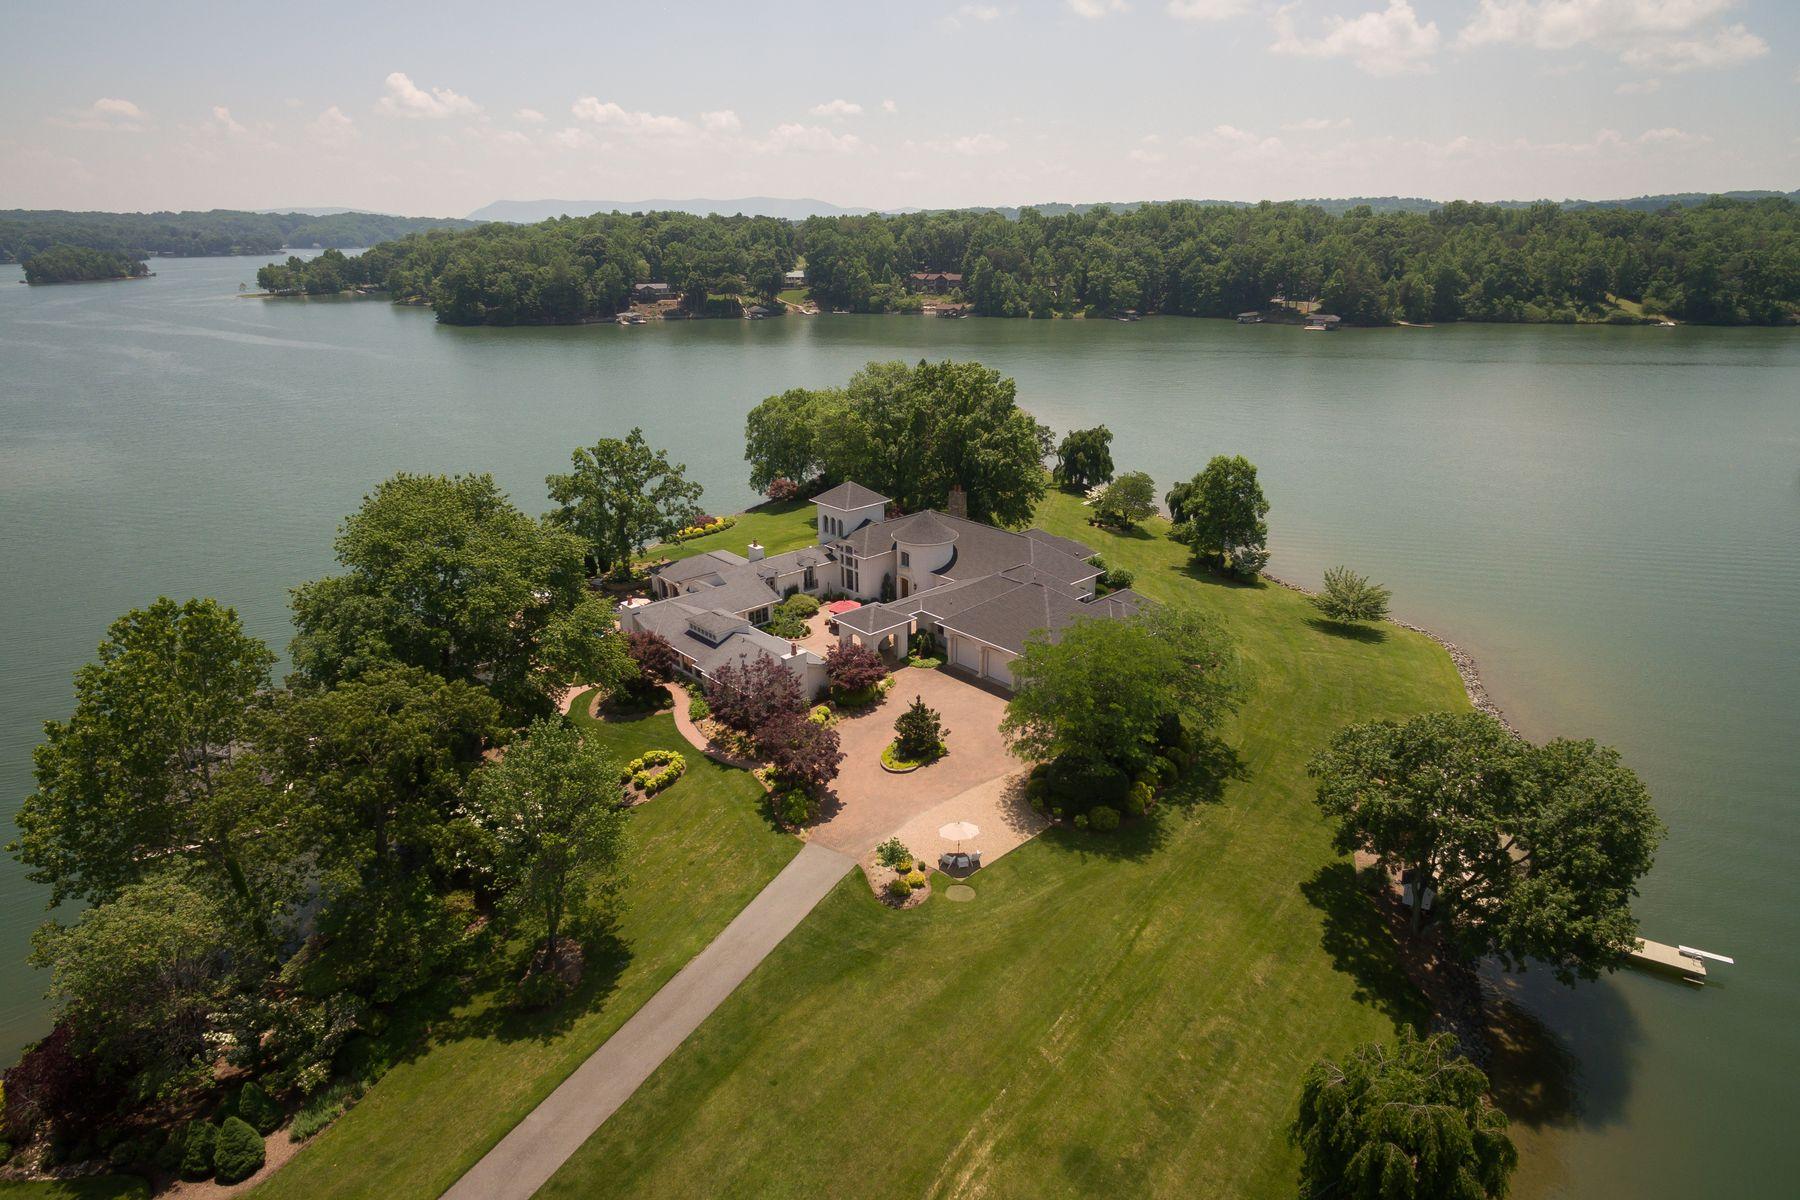 Single Family Home for Sale at Smith Mountain Lake Estate 1994 Merriman Way Dr Moneta, Virginia 24121 United States